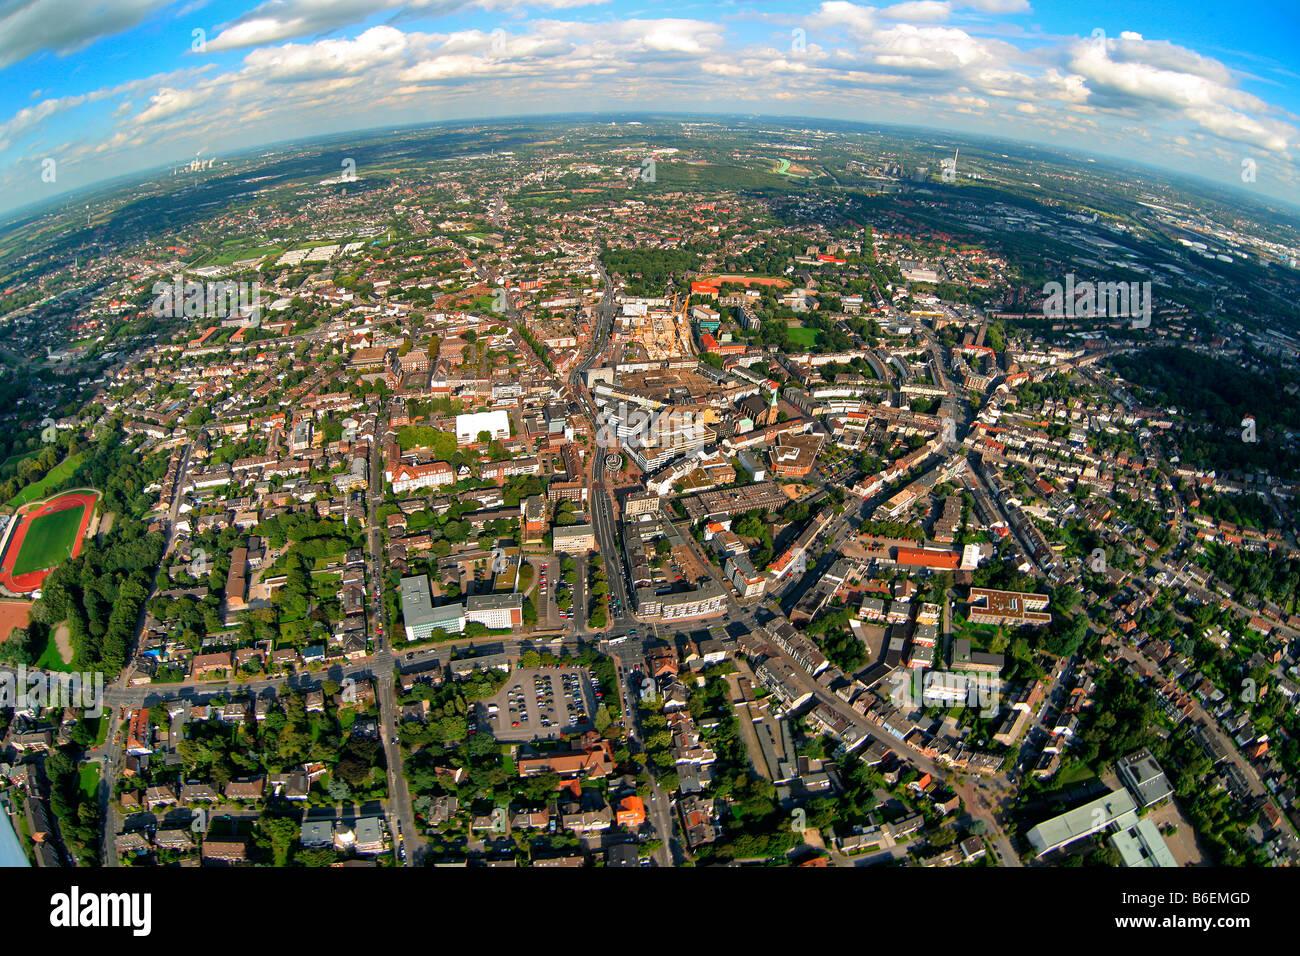 Luftaufnahme, totale, fisheye Schuss, Innenstadt, Bottrop, Ruhrgebiet, Nordrhein-Westfalen, Deutschland, Europa Stockbild